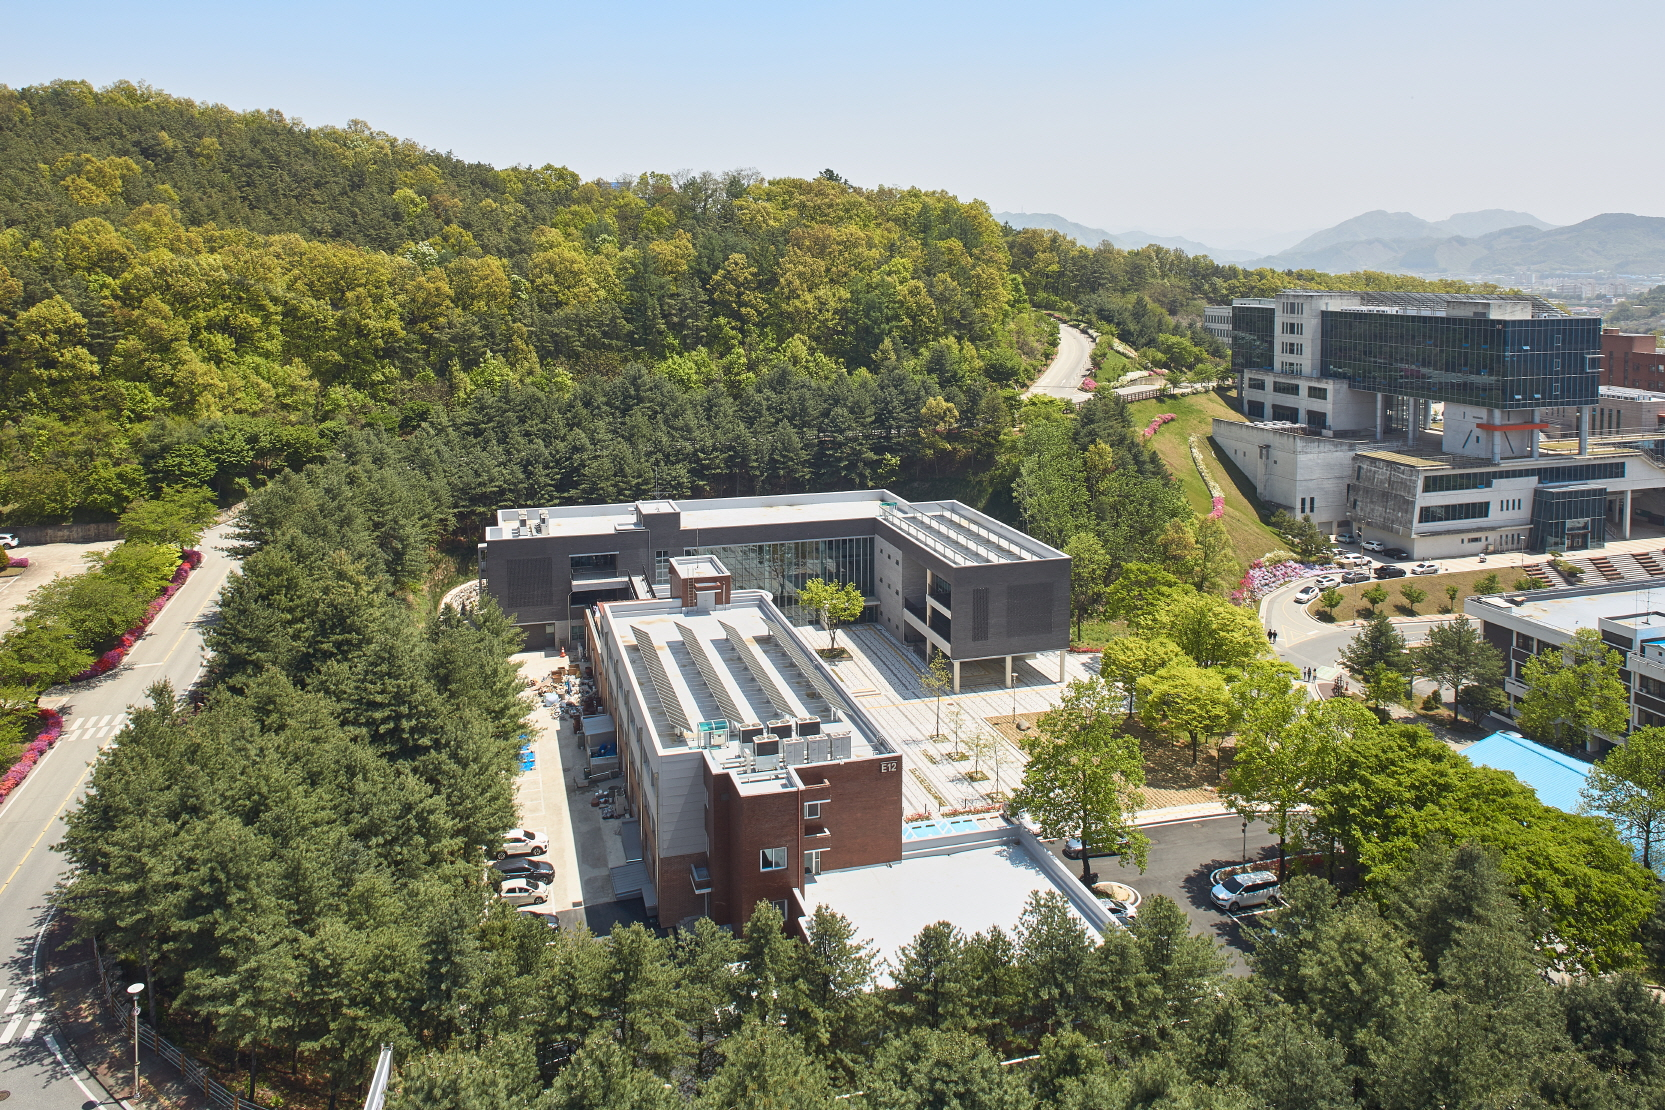 〔ANN의 건축뉴스〕 4가지 링크를 개념으로 긴밀한 연결고리를 맺은 한국교통대학교 건축관